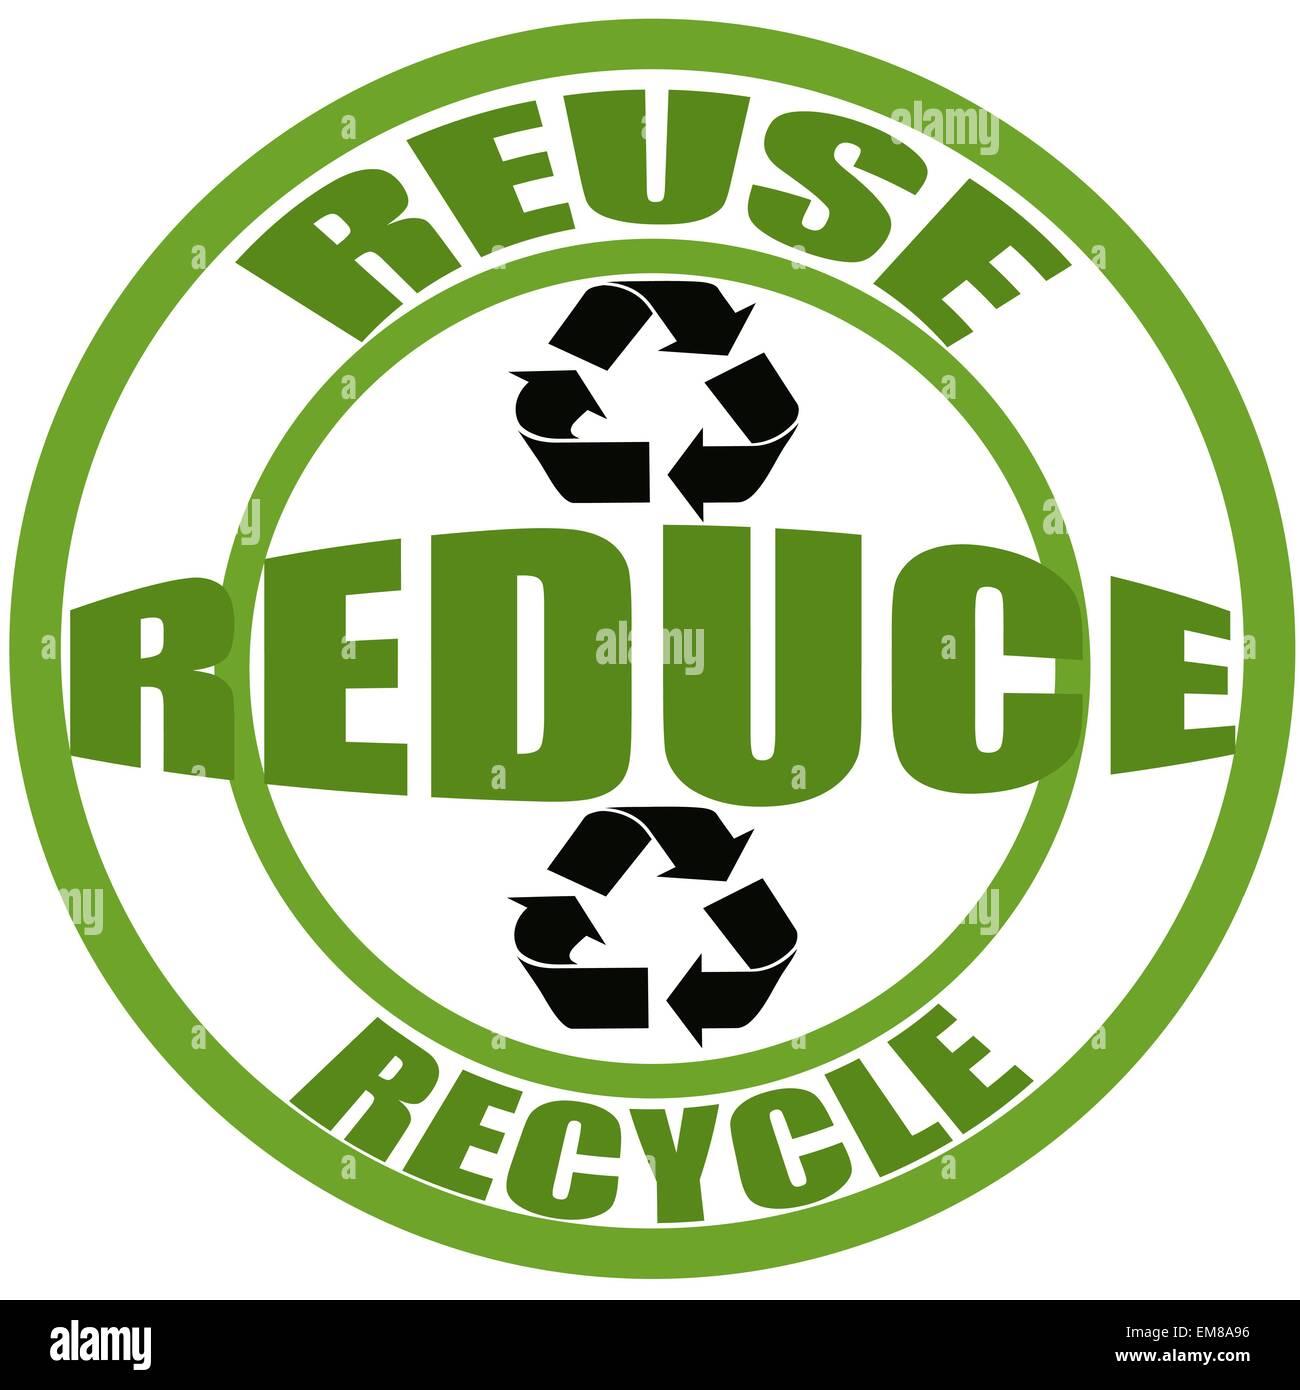 Il riutilizzo di ridurre e riciclare Immagini Stock